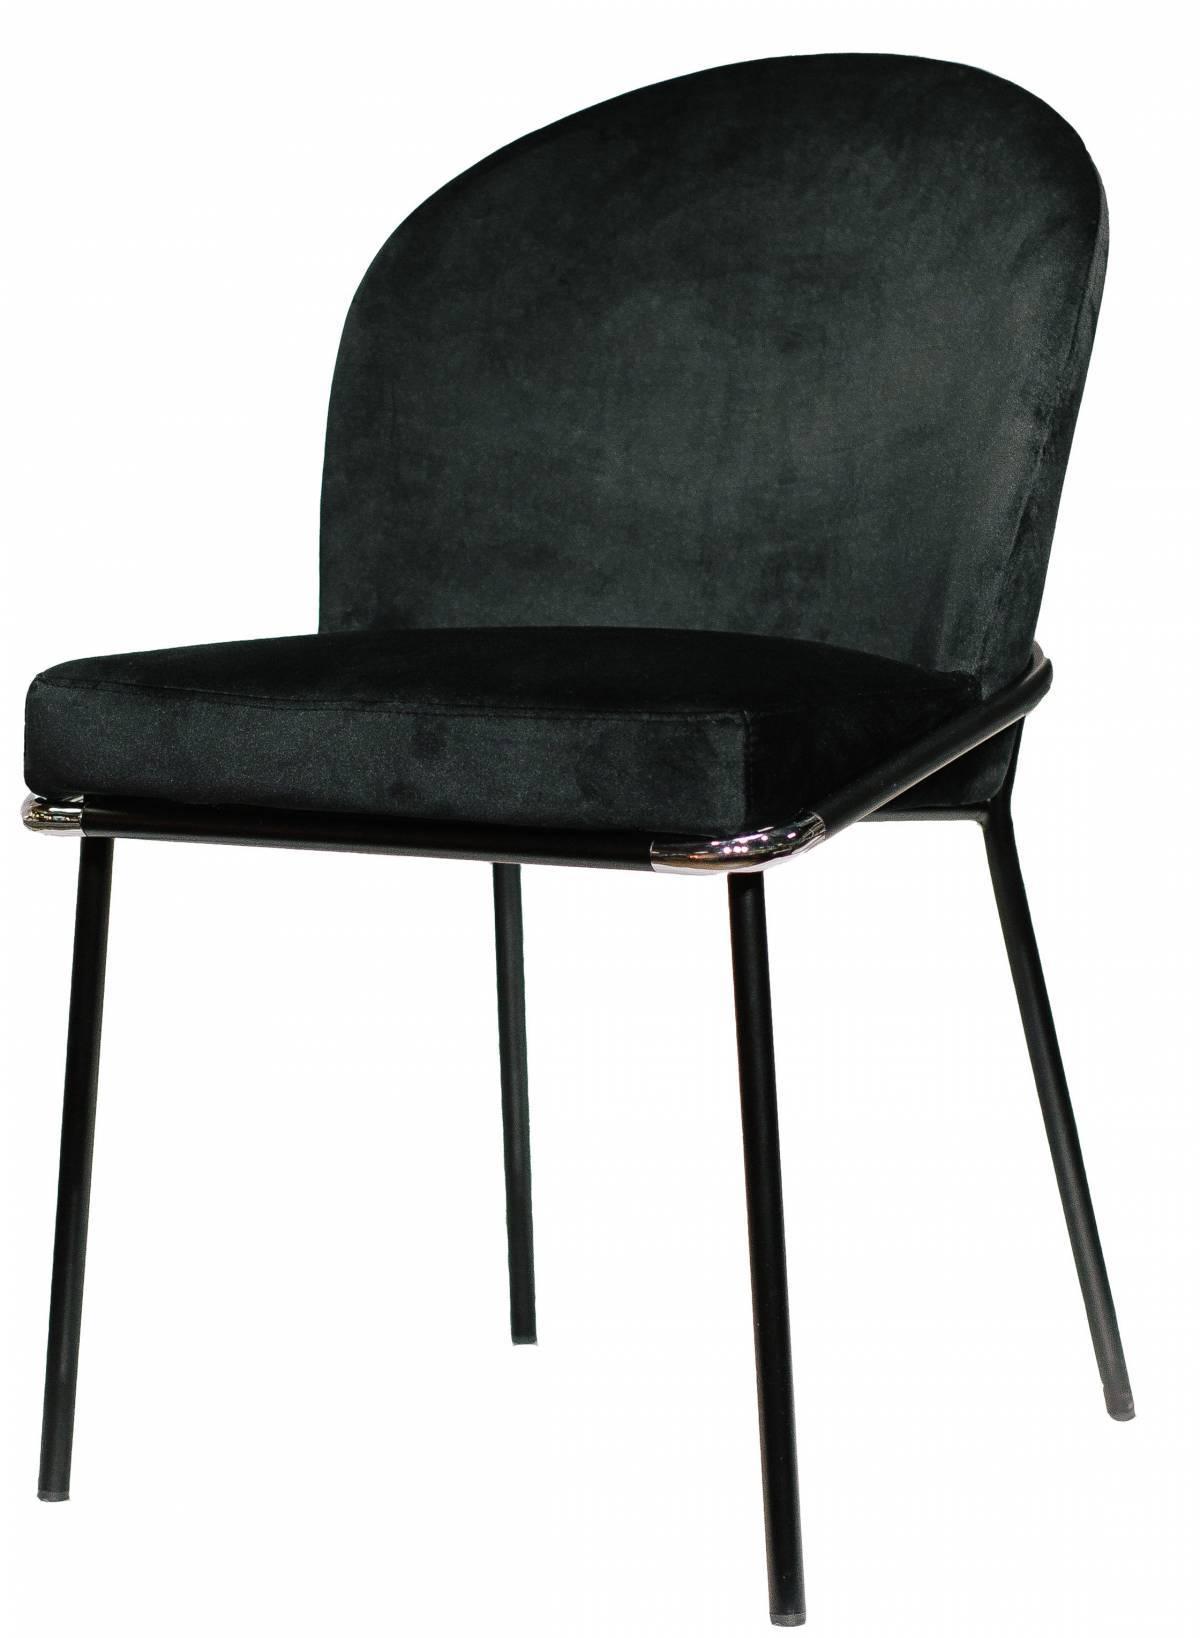 Металлический стул Foxtrot в Raroom черный